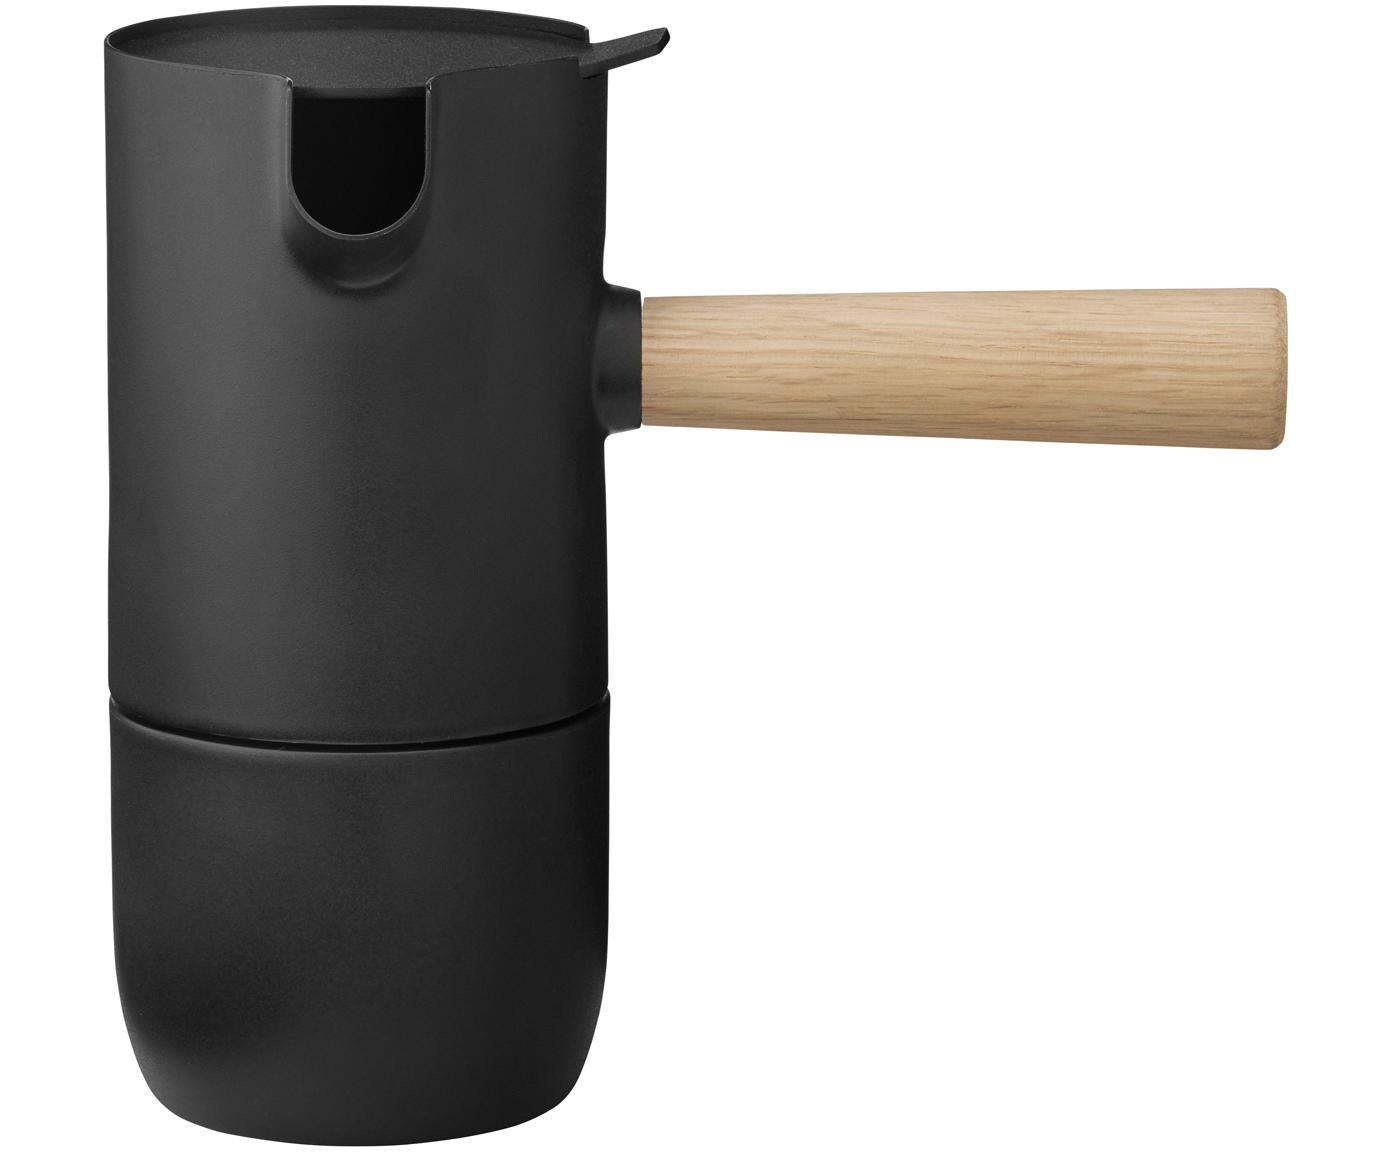 Caffettiera Collar, Contenitore: acciaio inossidabile, Tef, Manico: caucciù, Contenitore: nero opaco Manico: marrone chiaro, 340 ml